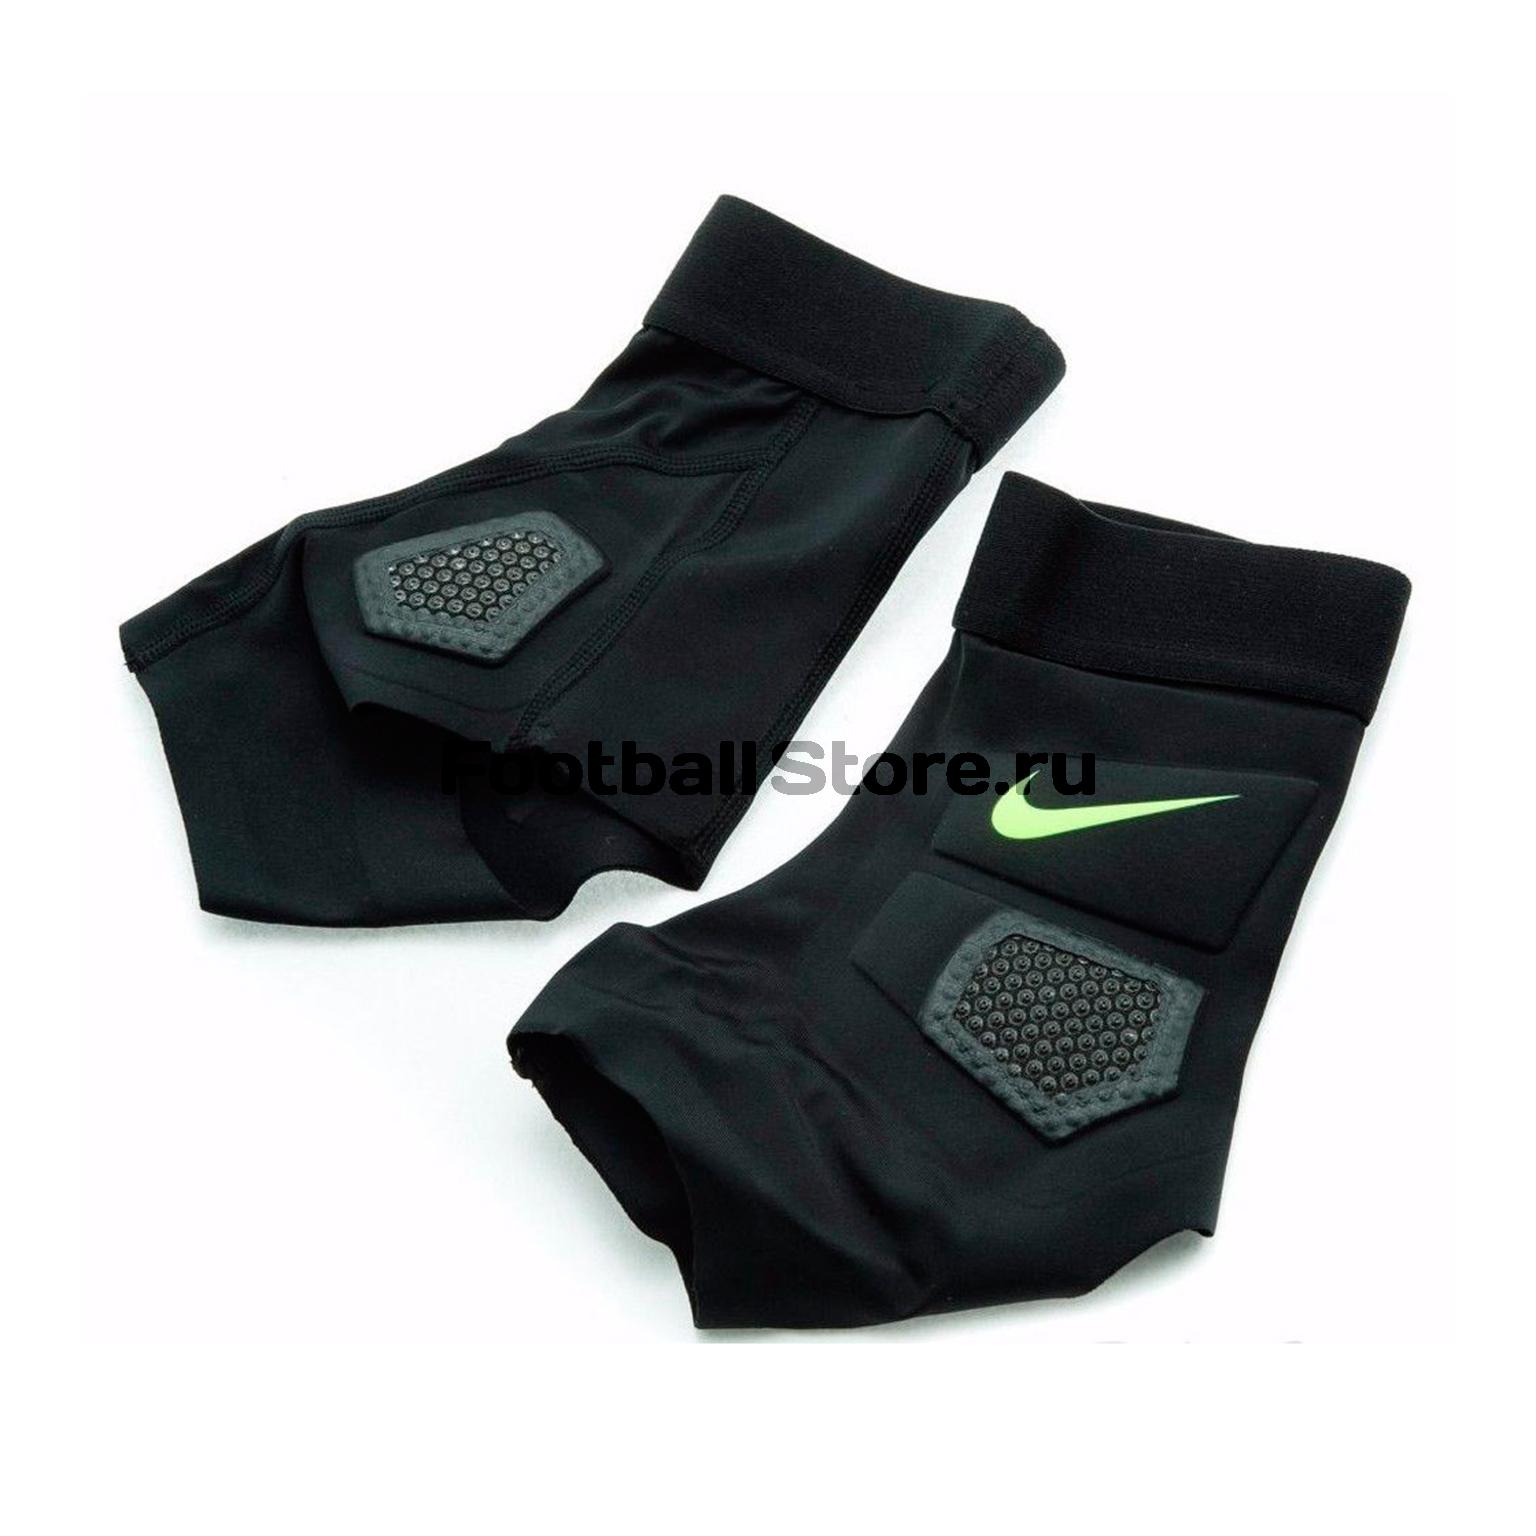 Фиксатор для голеностопа Nike NK STRK ANKL SLV SE0176-010 одежда для гольфа nike 639790 101 010 089 639790